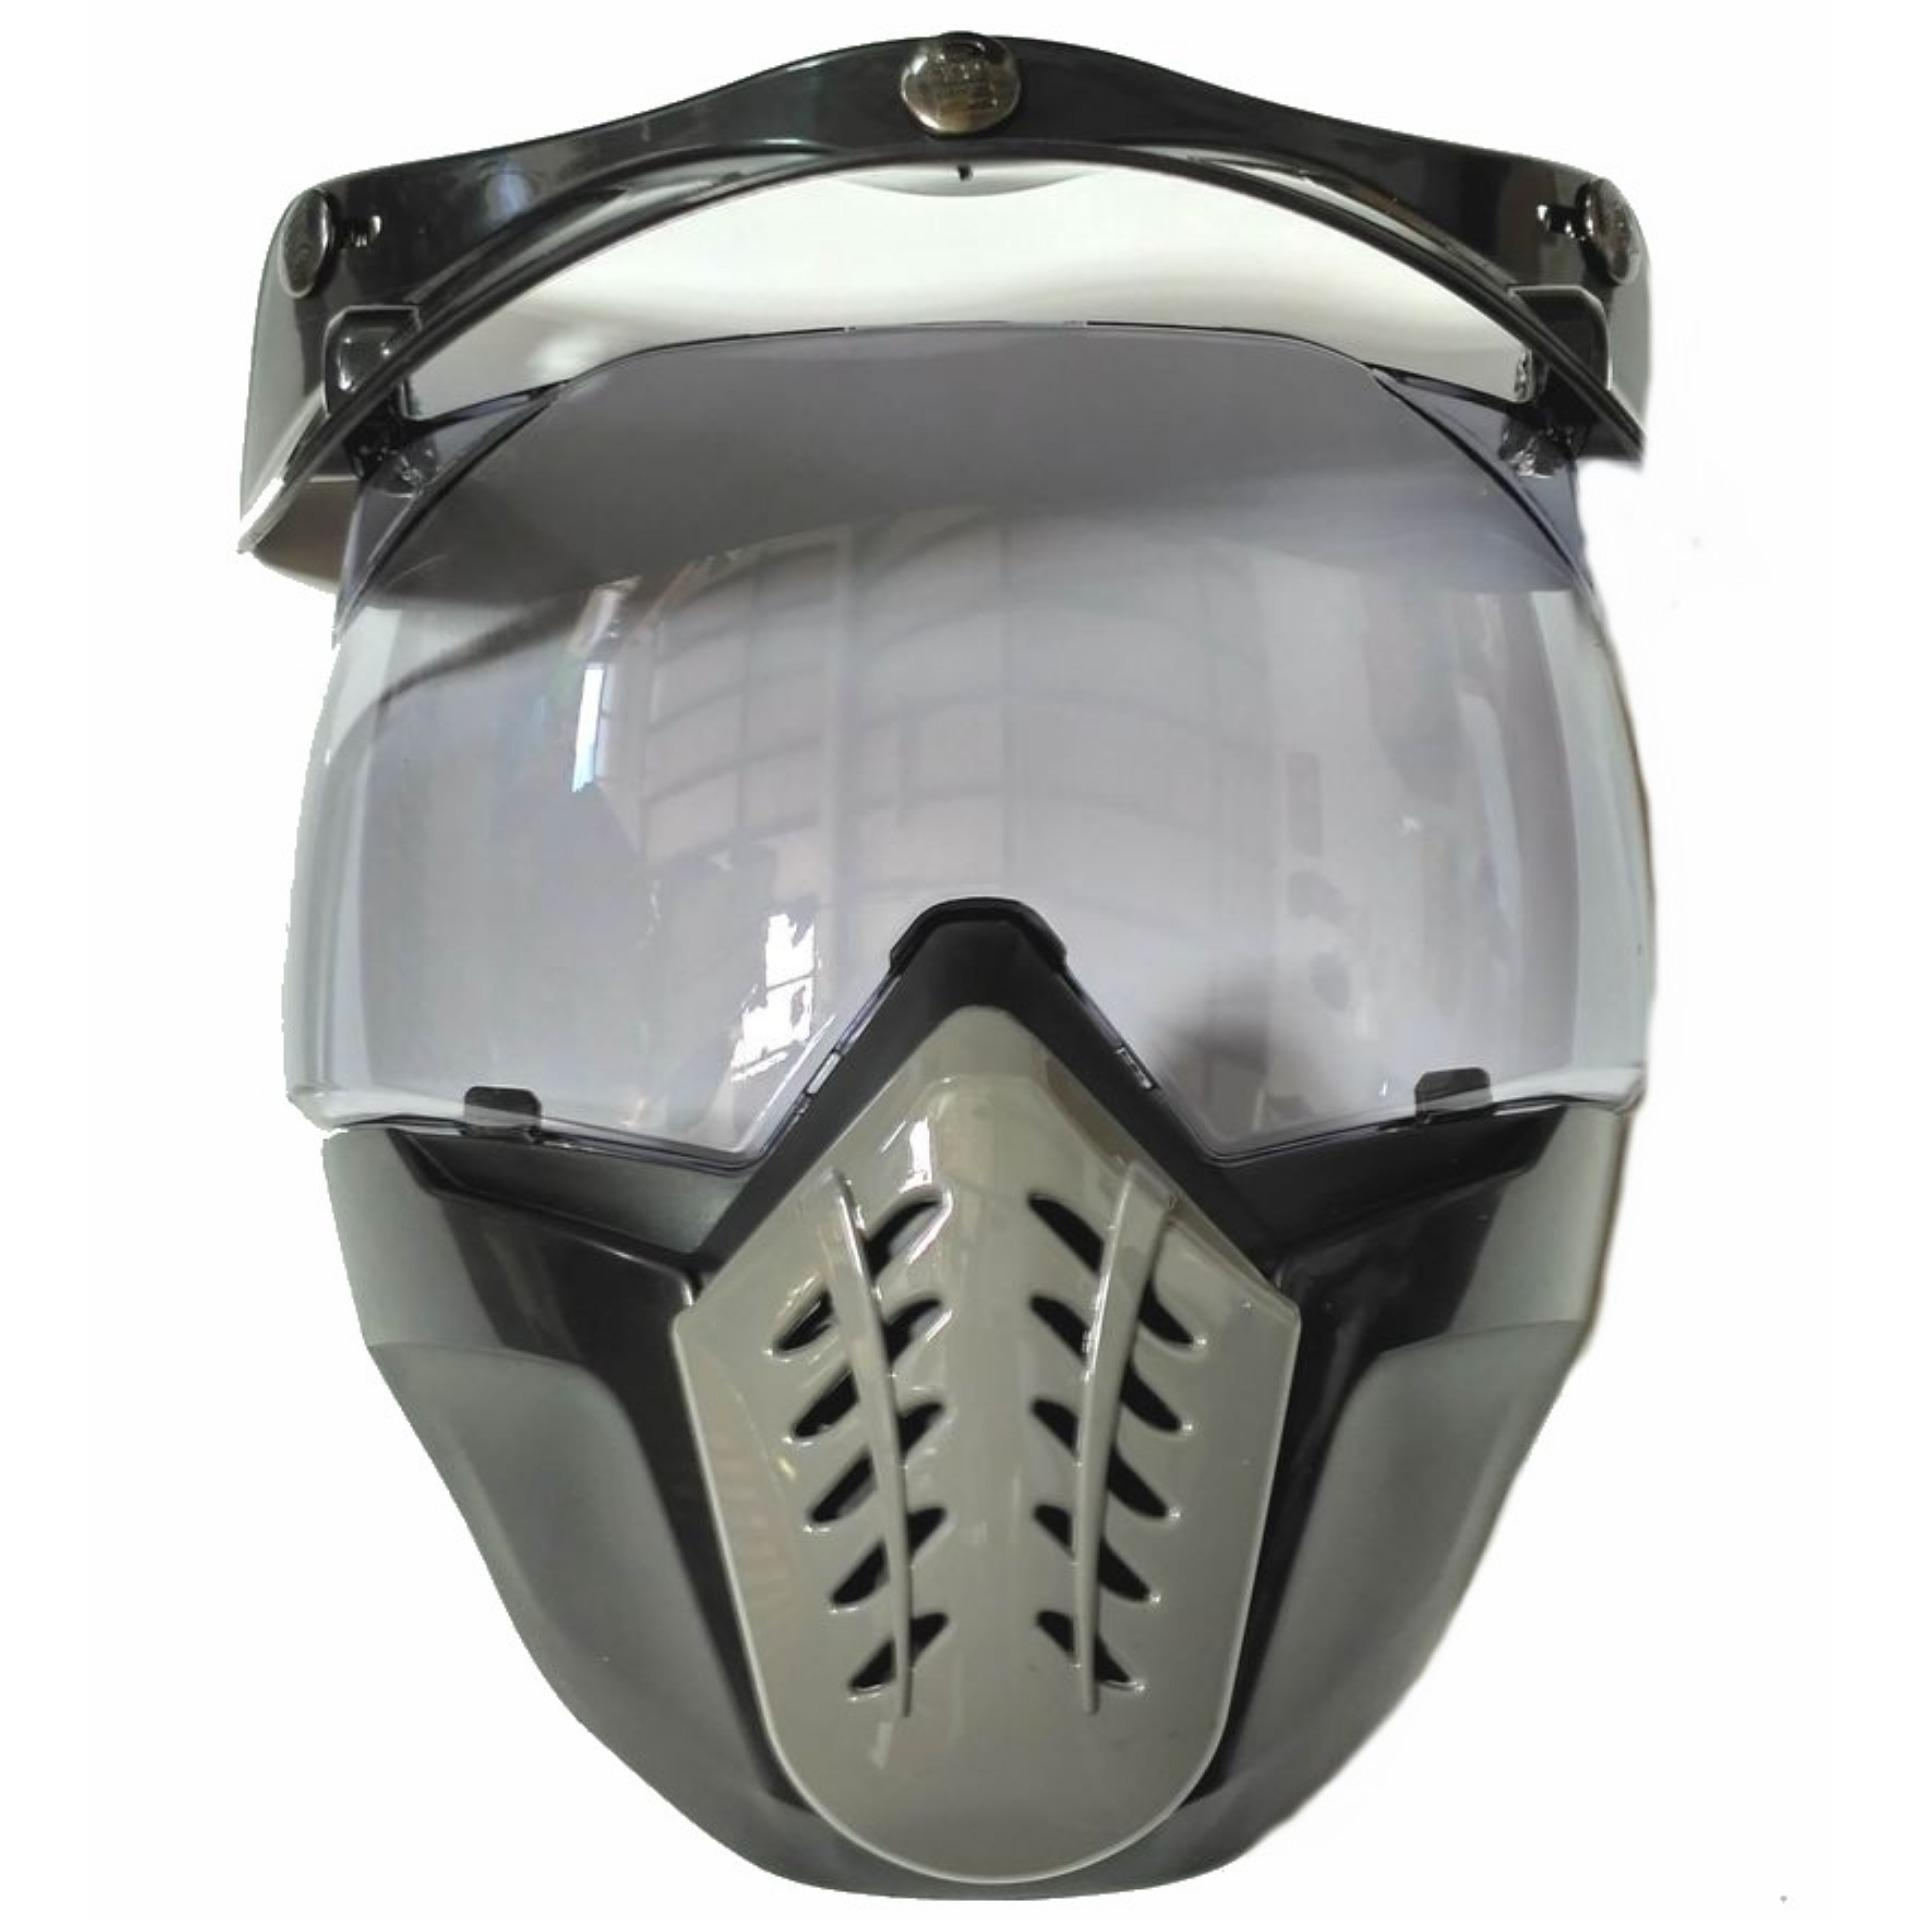 Harga Kaca Helm Retro Alien Mask Modular Masker Topeng Smoke Oem Original